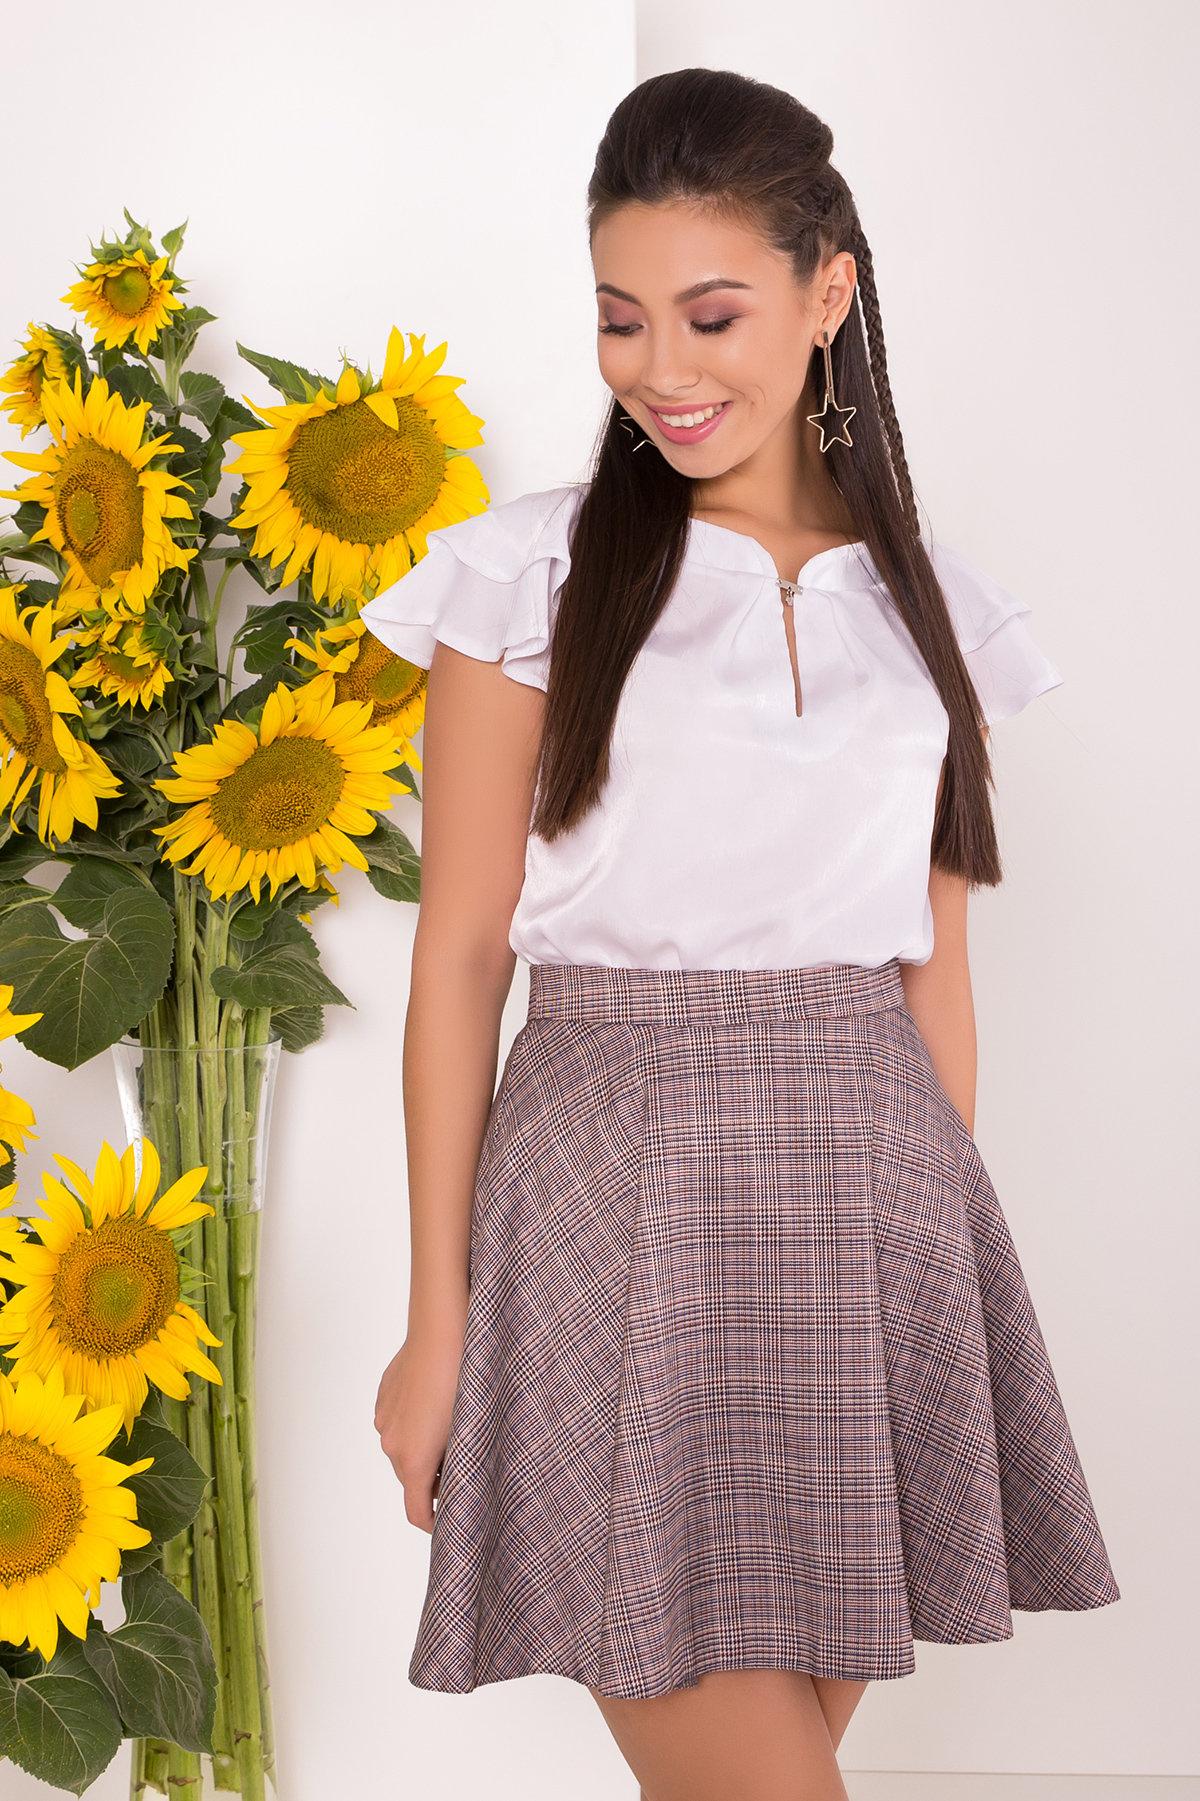 Купить женские юбки оптом  Юбка-солнце Джулиани 6757